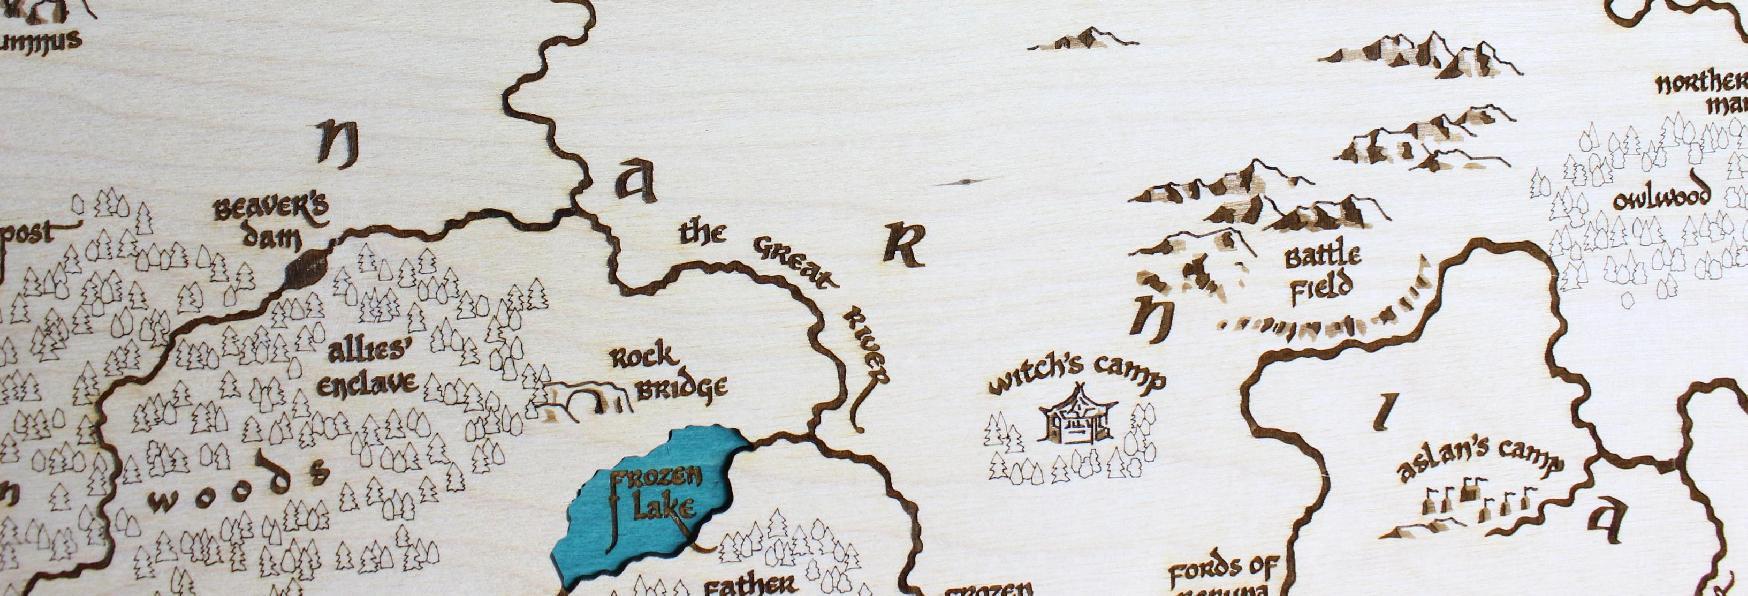 """Le Cronache di Narnia: svelato il """"Creatore-capo"""" del nuovo Universo Espanso di Narnia"""